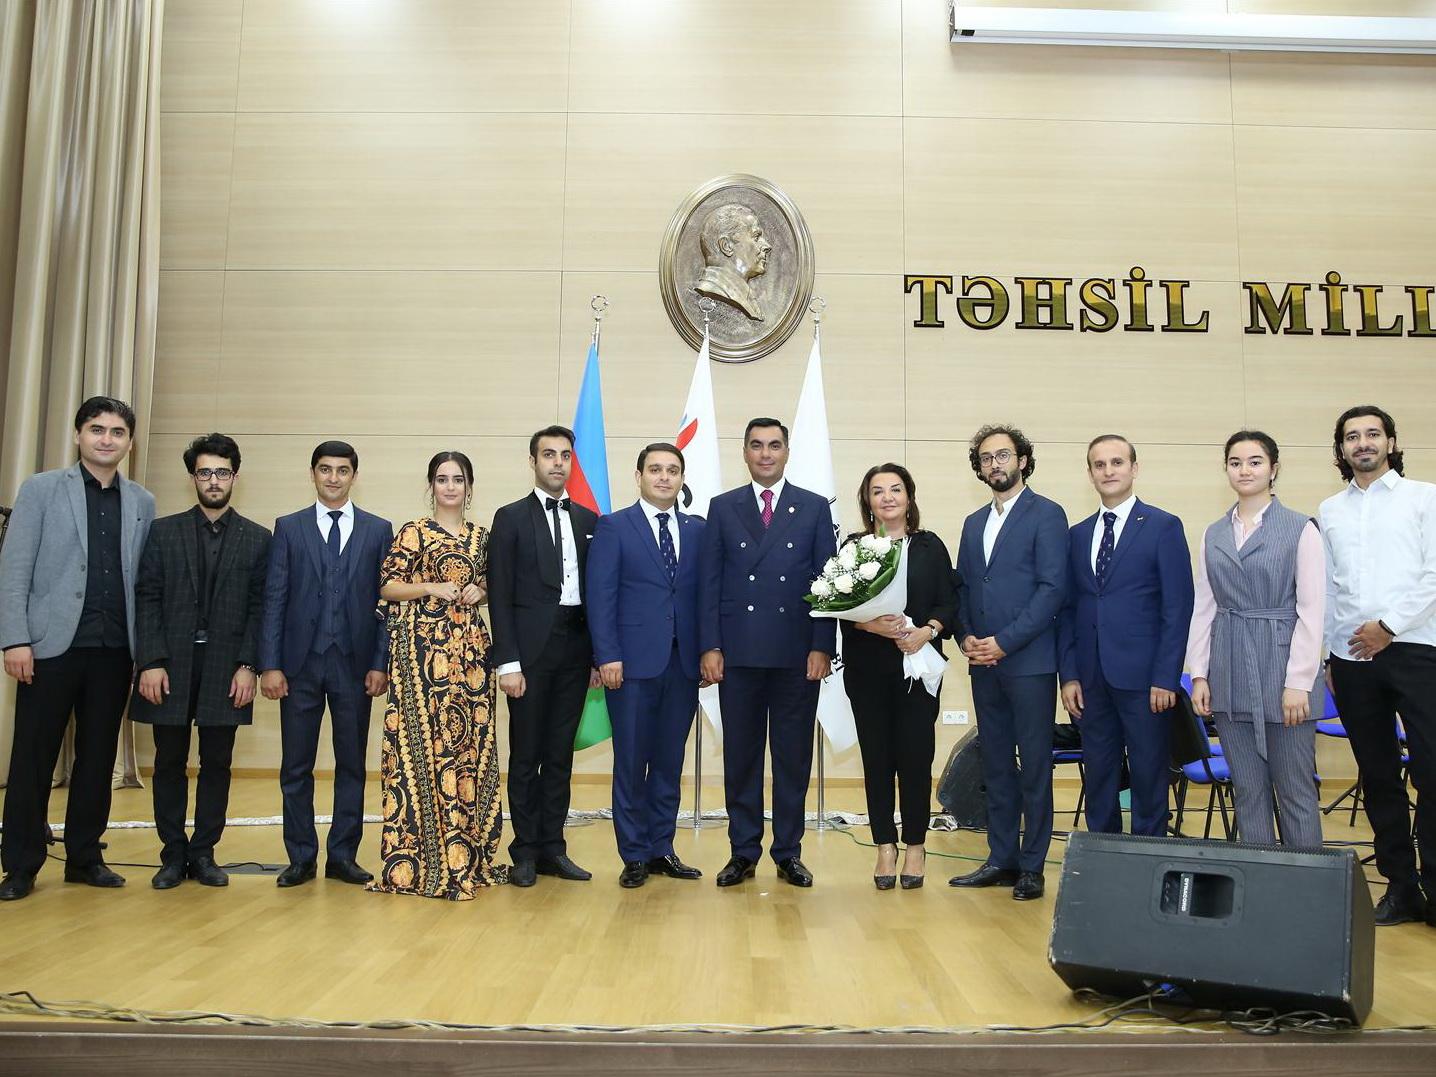 Бакинская музыкальная академия в Бакинской высшей школе нефти - ФОТО